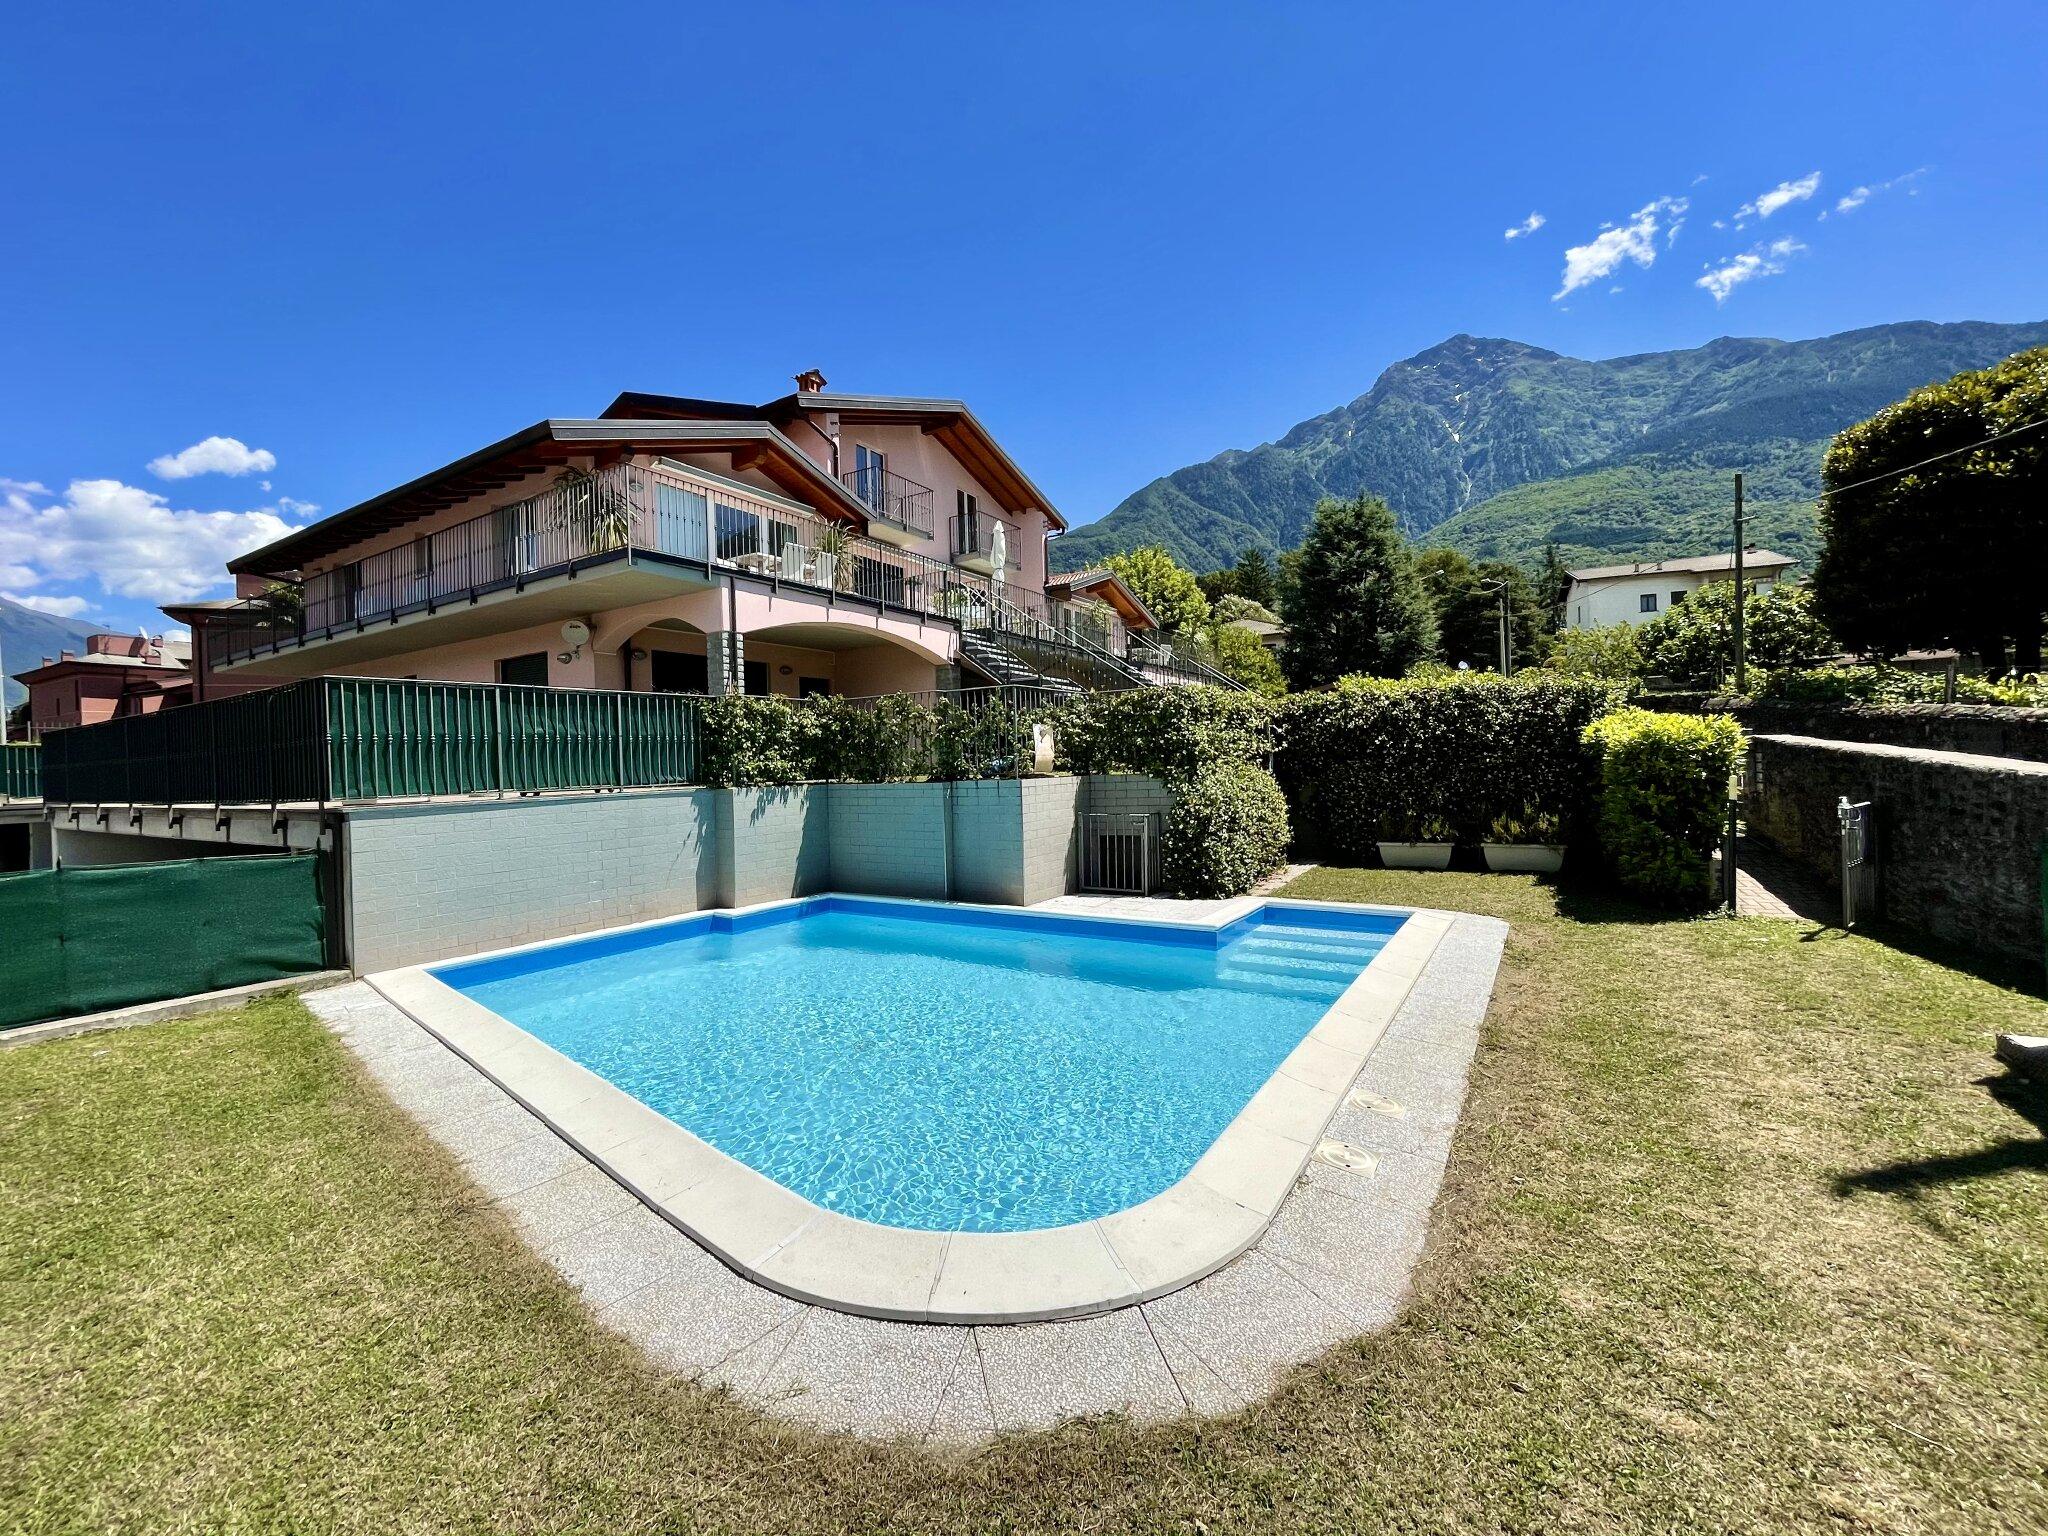 Pool direkt neben der Terrasse